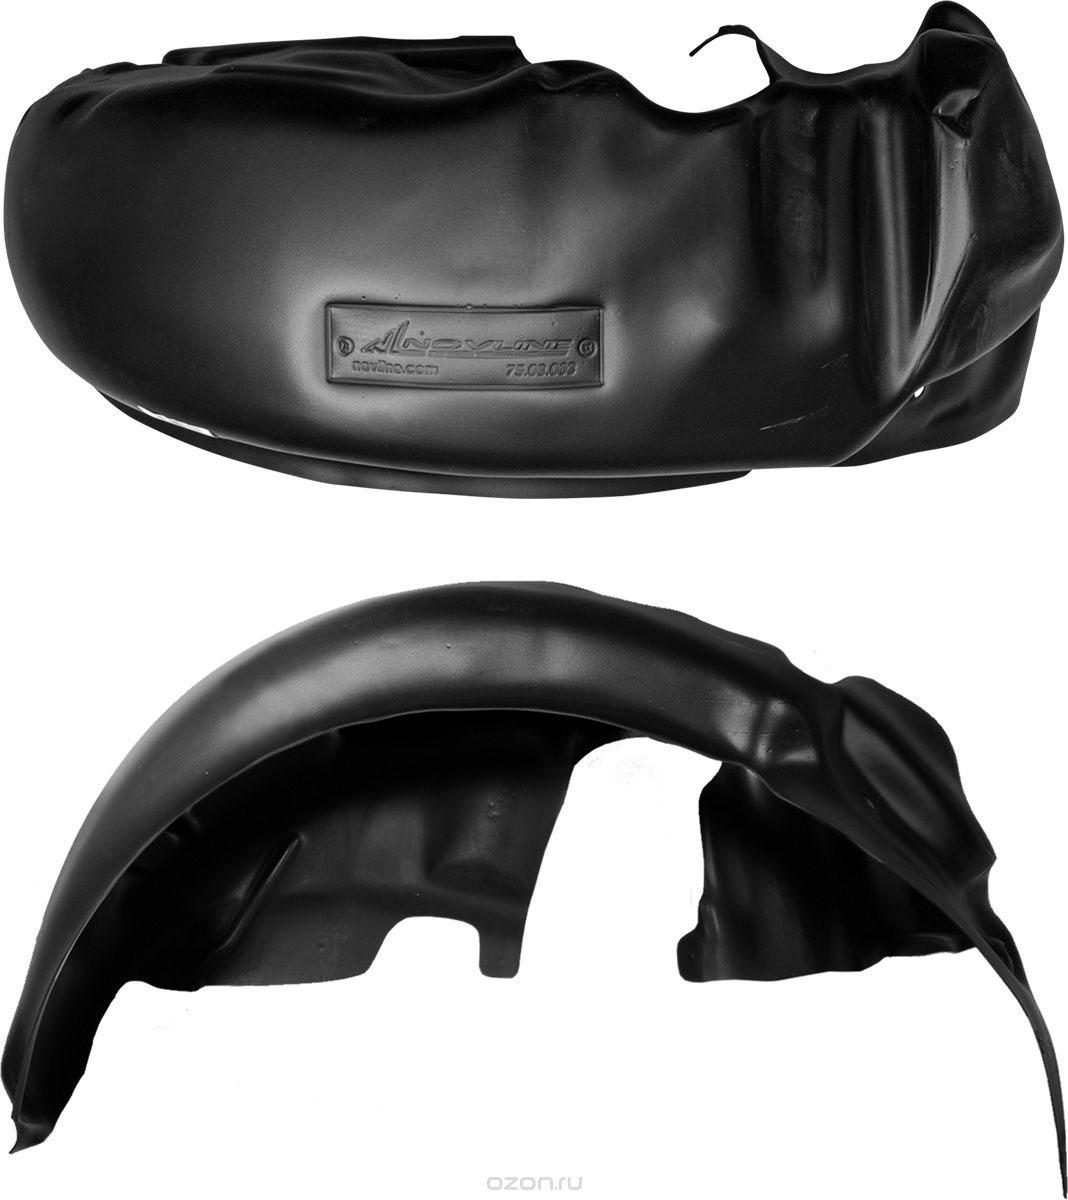 Подкрылок Novline-Autofamily, для BRILLIANCE H530, 06/2014->, задний левый42305003Идеальная защита колесной ниши. Локеры разработаны с применением цифровых технологий, гарантируют максимальную повторяемость поверхности арки. Изделия устанавливаются без нарушения лакокрасочного покрытия автомобиля, каждый подкрылок комплектуется крепежом. Уважаемые клиенты, обращаем ваше внимание, что фотографии на подкрылки универсальные и не отражают реальную форму изделия. При этом само изделие идет точно под размер указанного автомобиля.